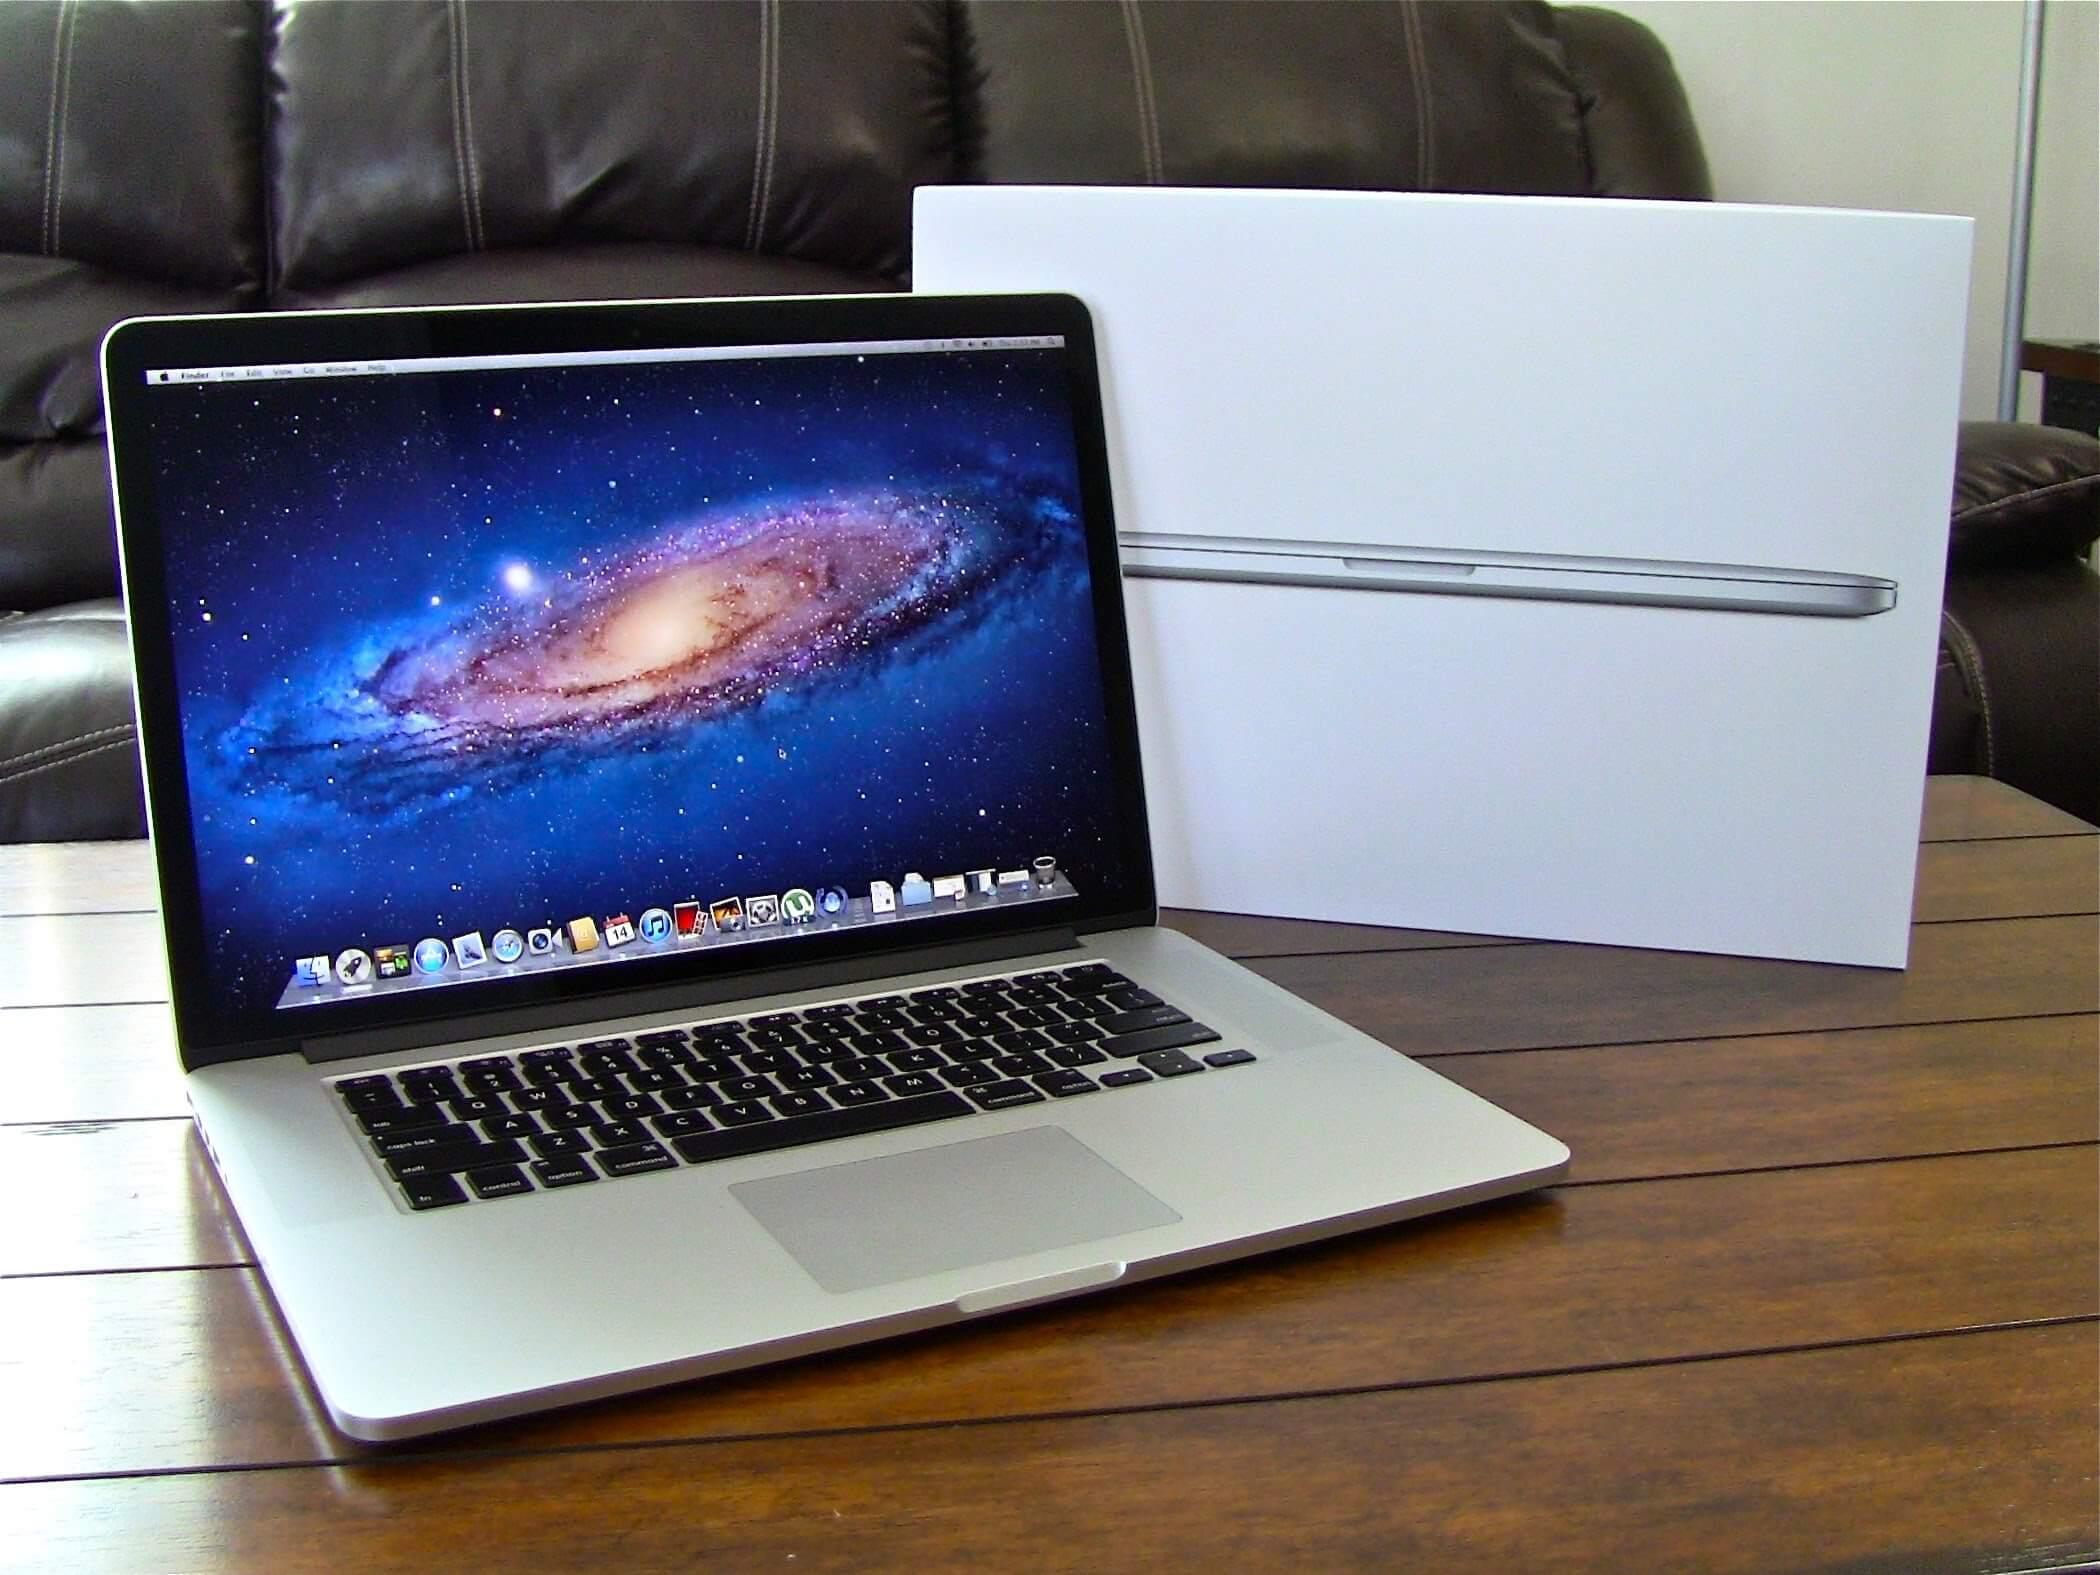 Desempaquetado del MacBook Pro con Retina Display